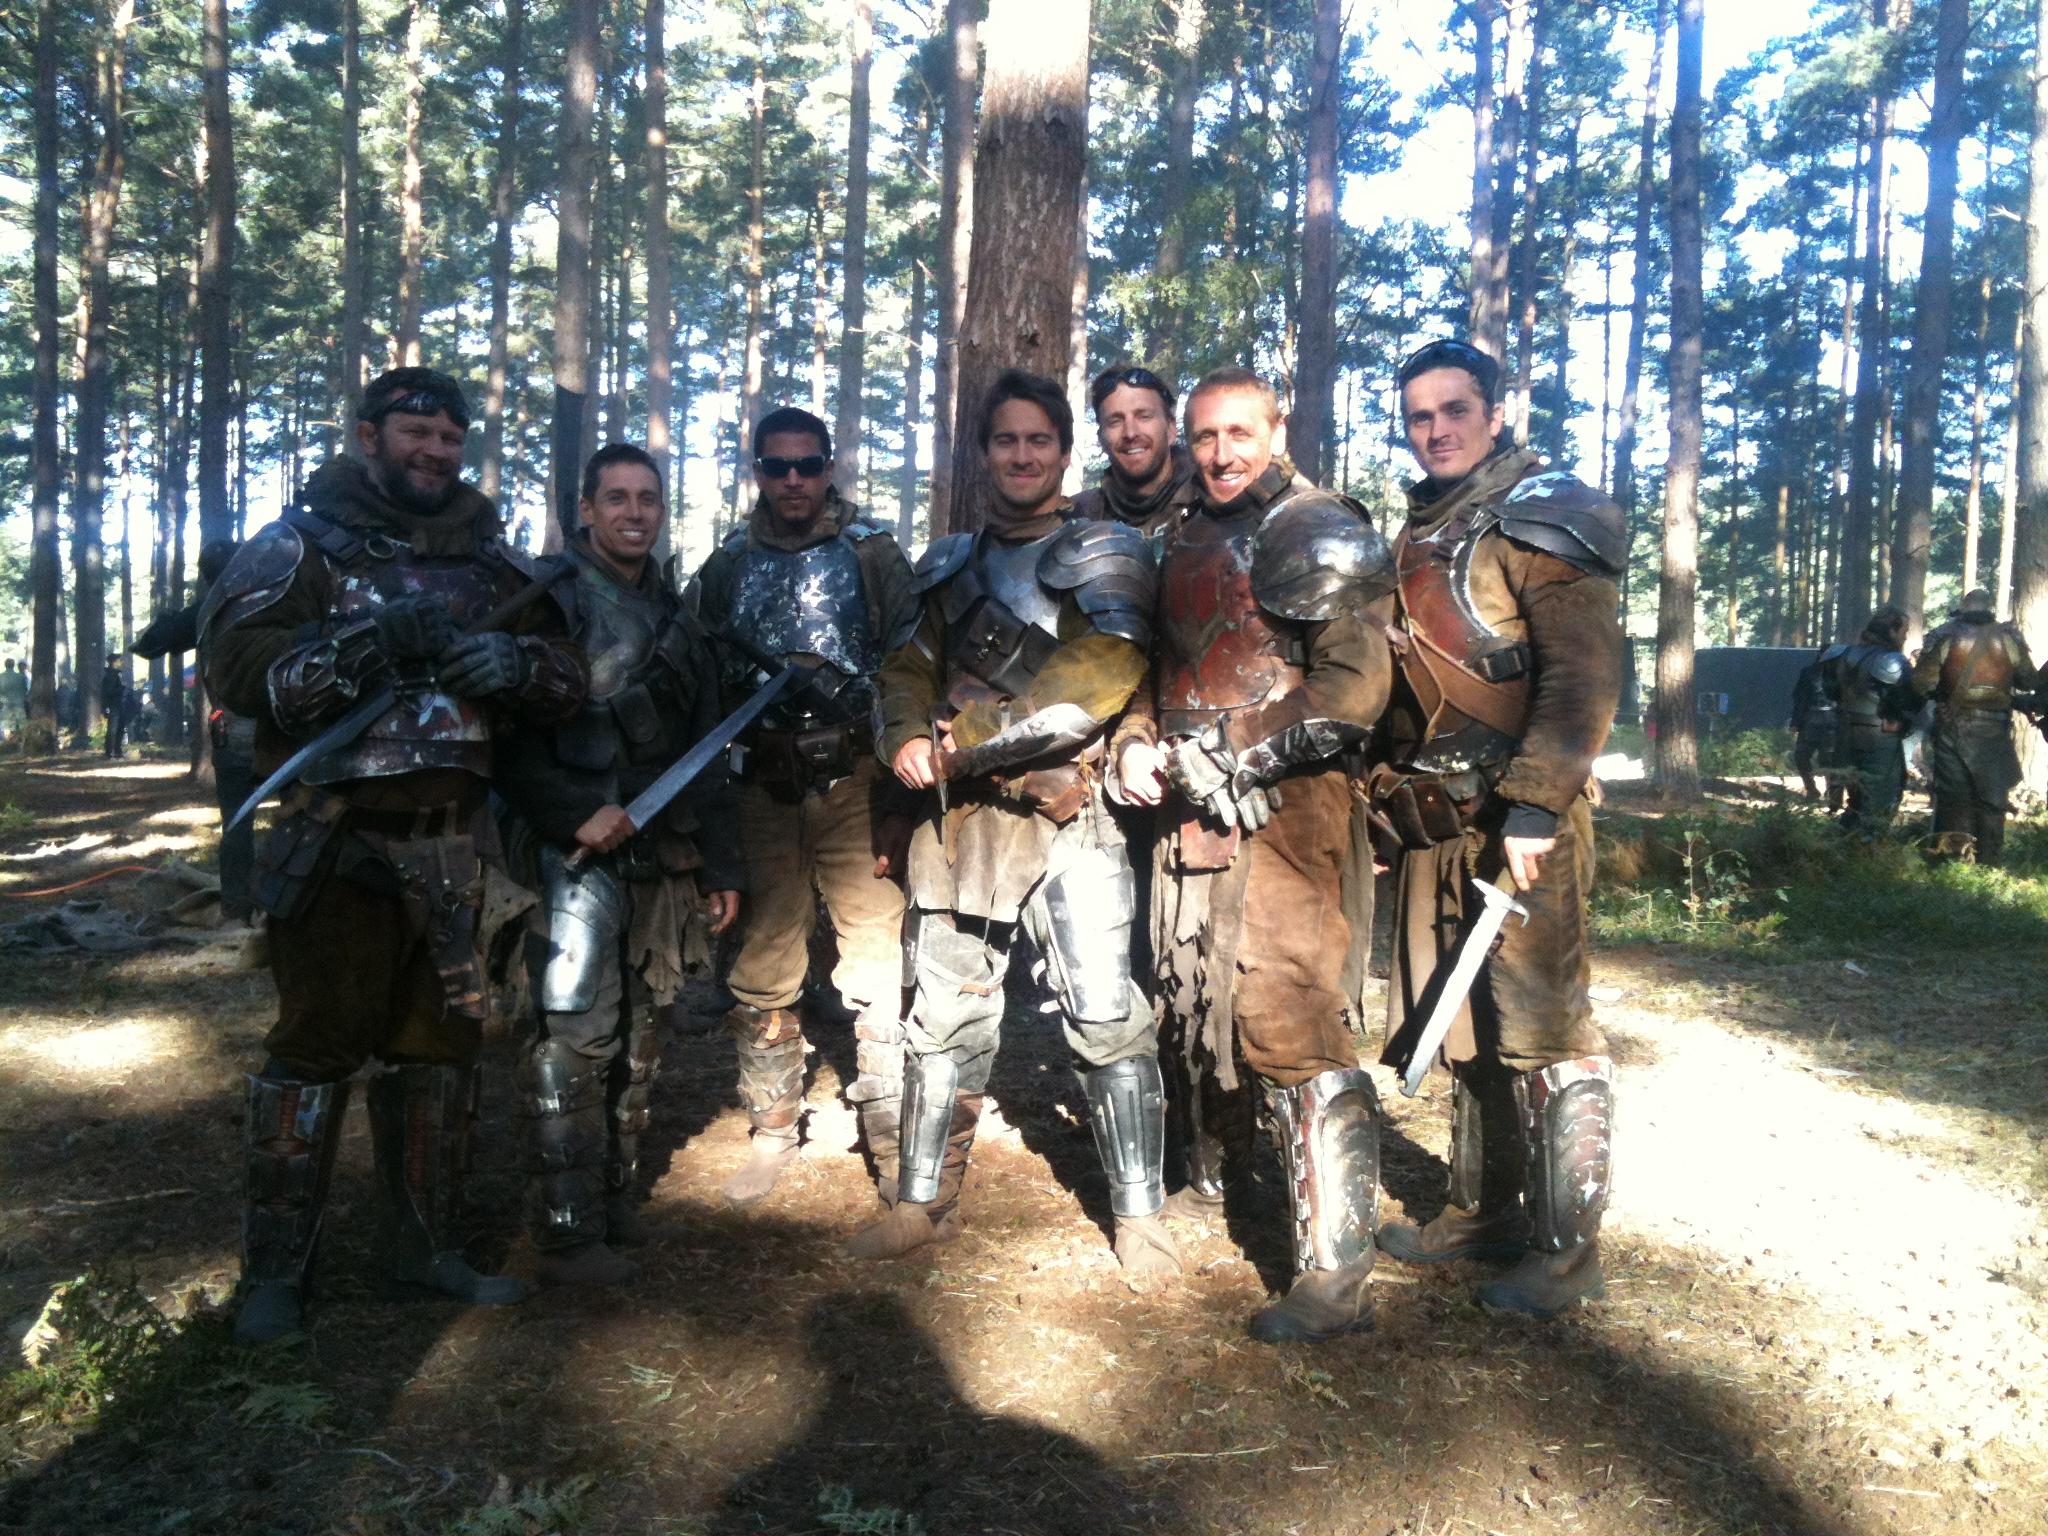 Thor - Stunt Team